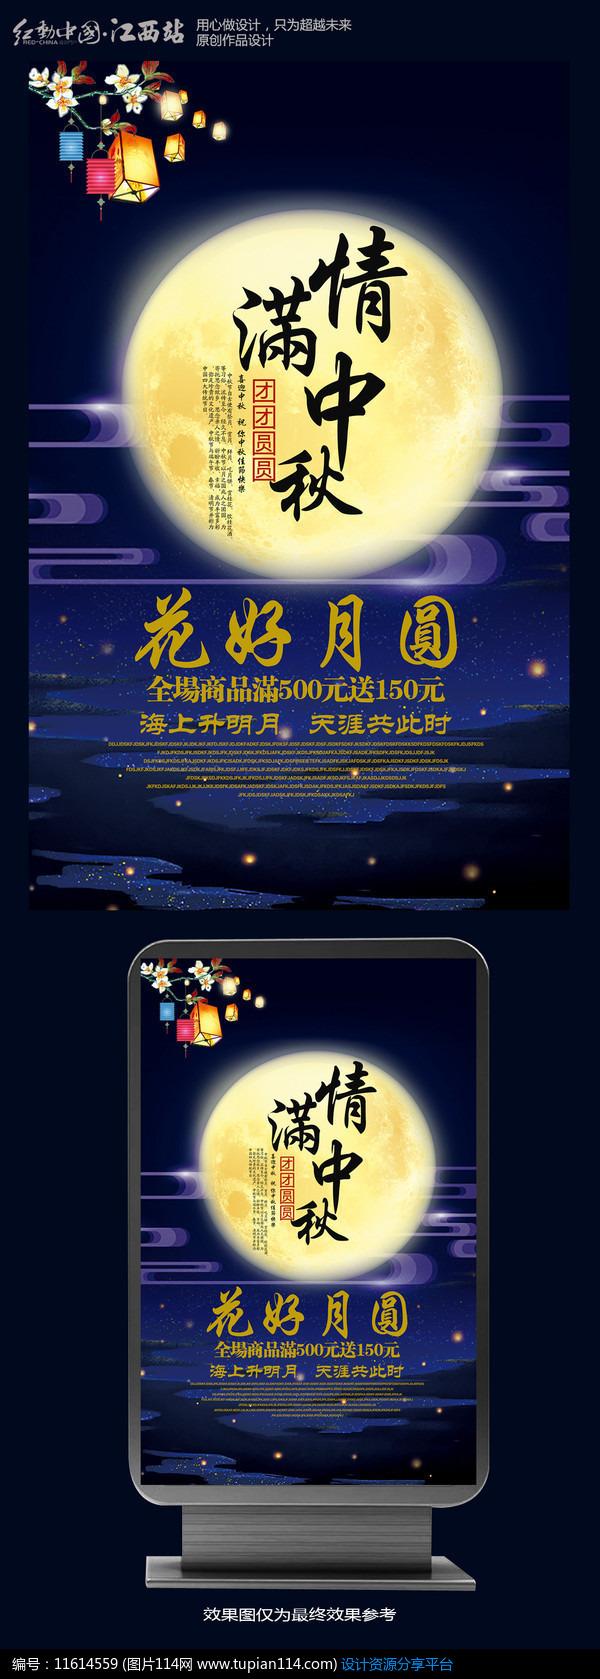 [原创] 花好月圆合家团圆中秋节海报